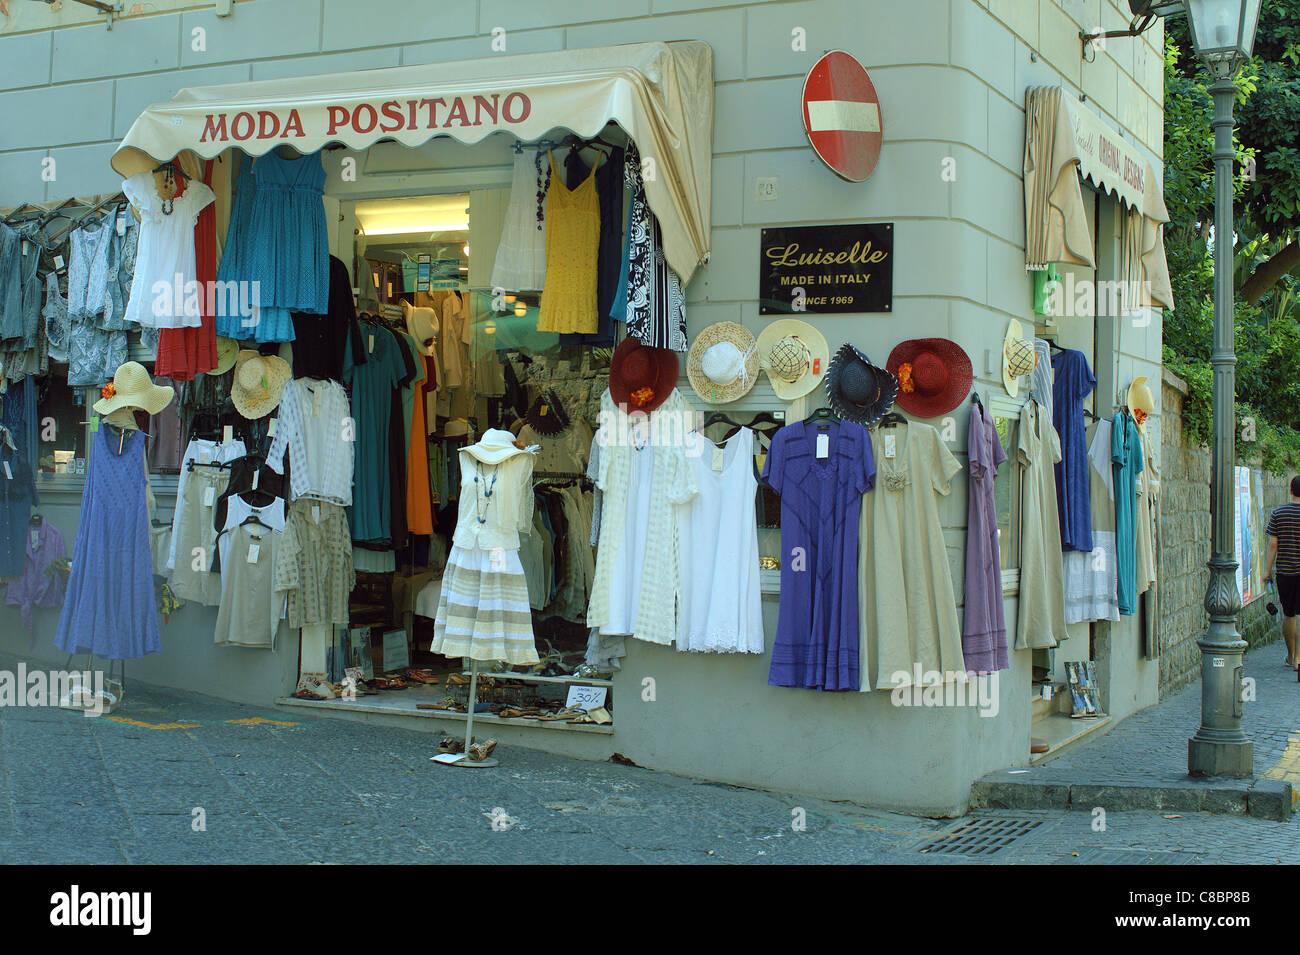 size 40 7afc8 e45c2 Clothes shop Positano Italy Stock Photo: 39596939 - Alamy